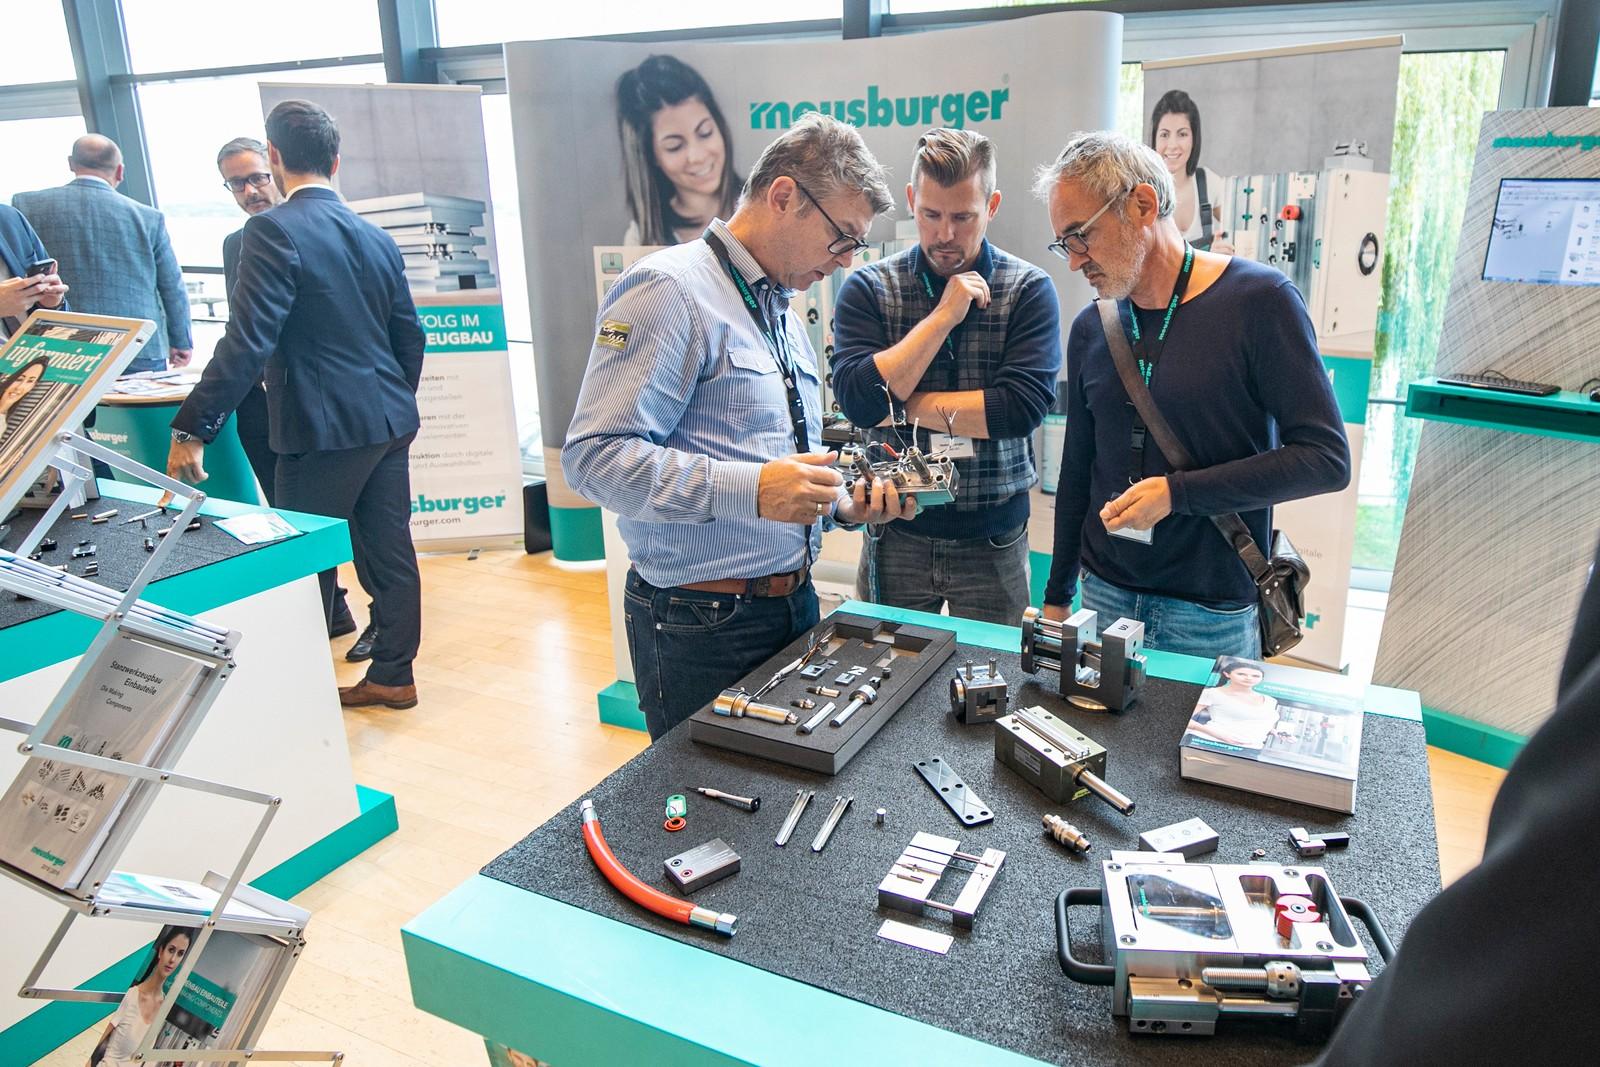 Am Meusburger Stand gab es Produktneuheiten wie die Werkzeuginnendrucksensoren oder die neue Schrägauswerfereinheit zu sehen.